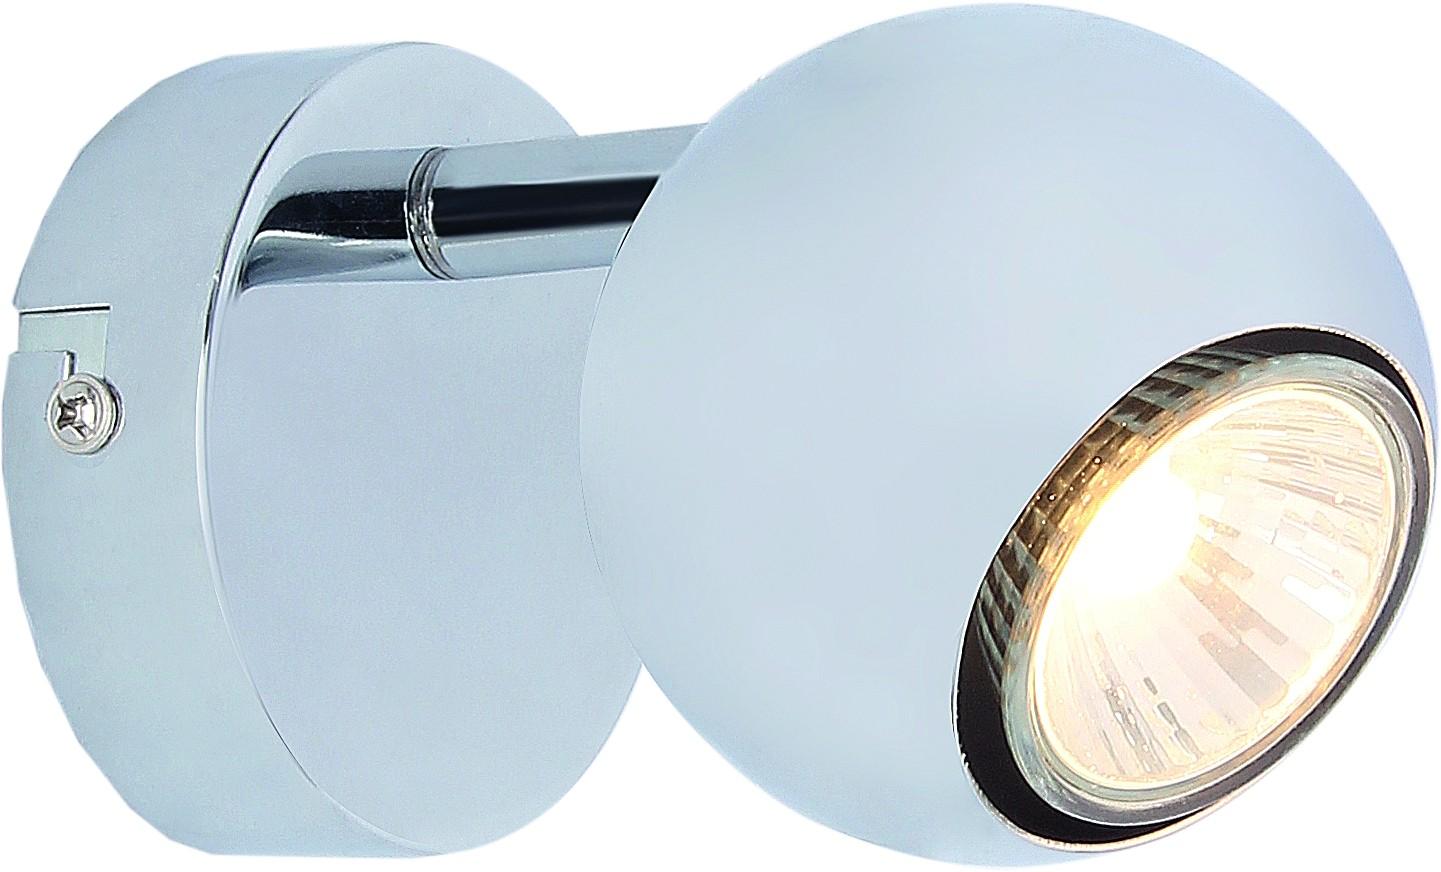 Спот Arte lamp A6251ap-1cc